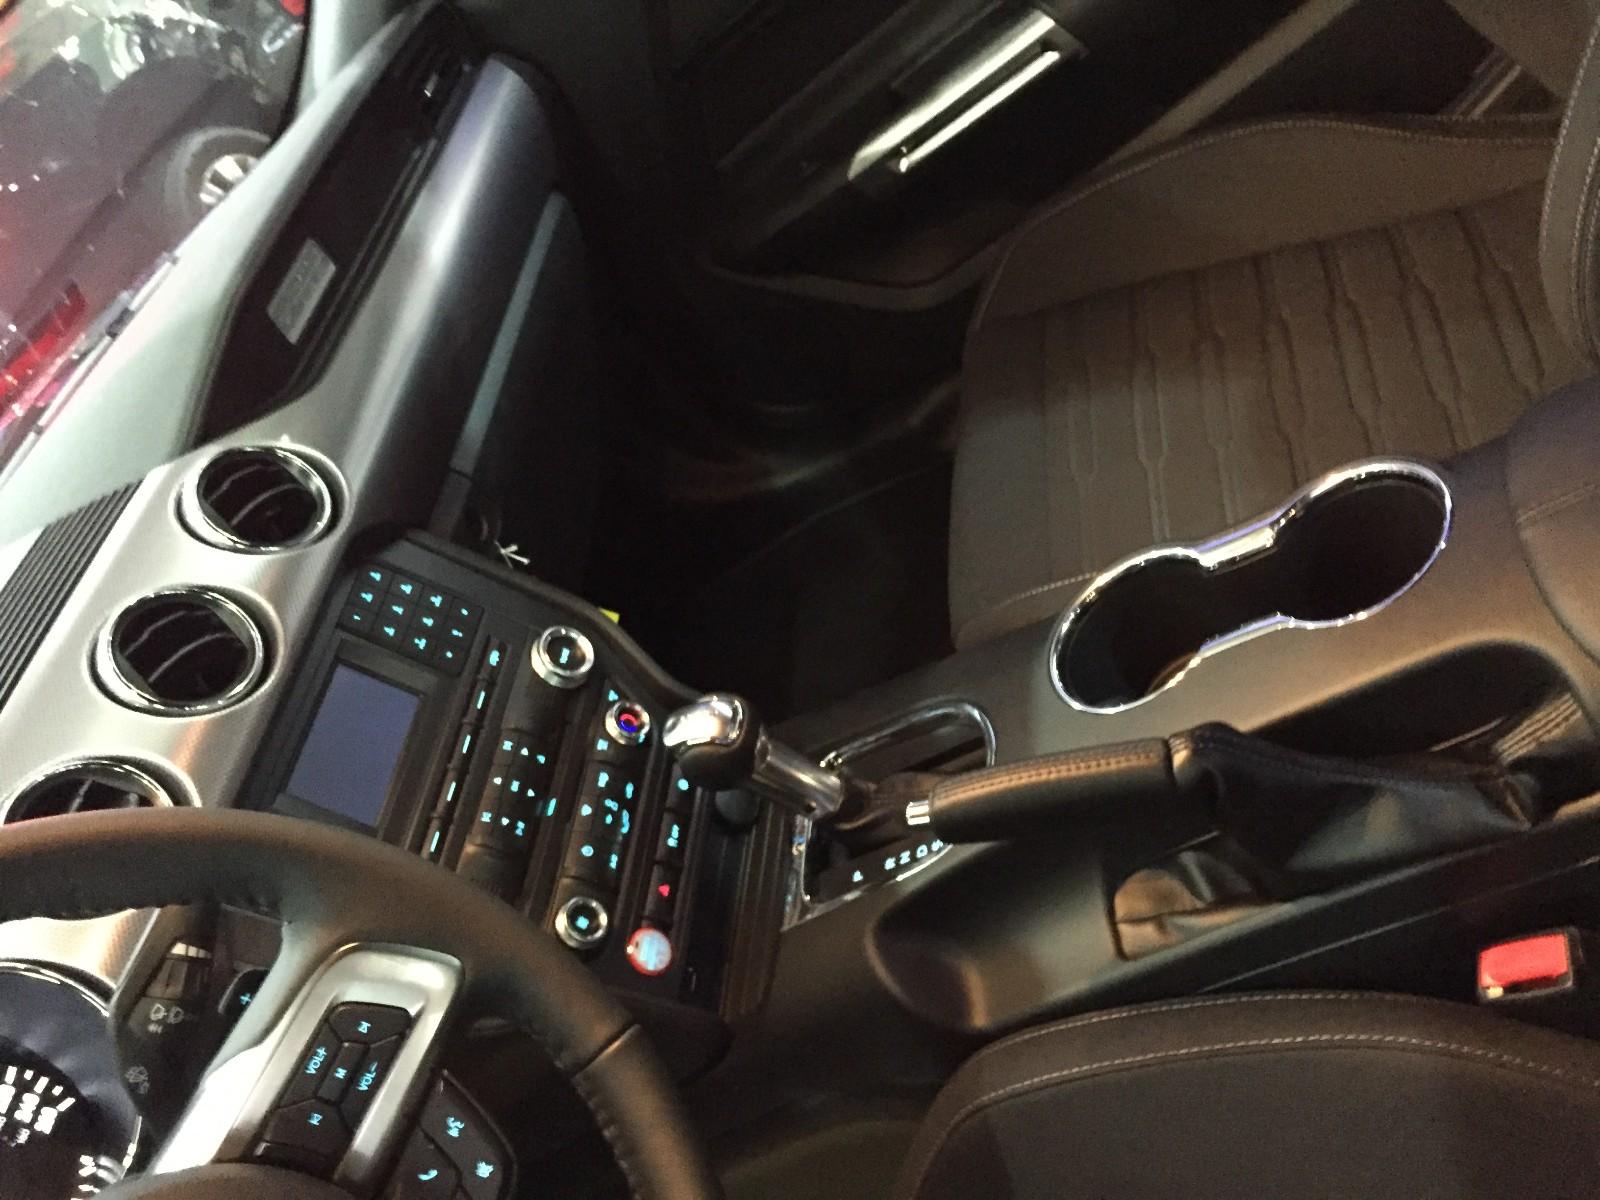 福特野马的驾驶舱得益于福特公司注重汽车内饰的投资,与外观造型一 样